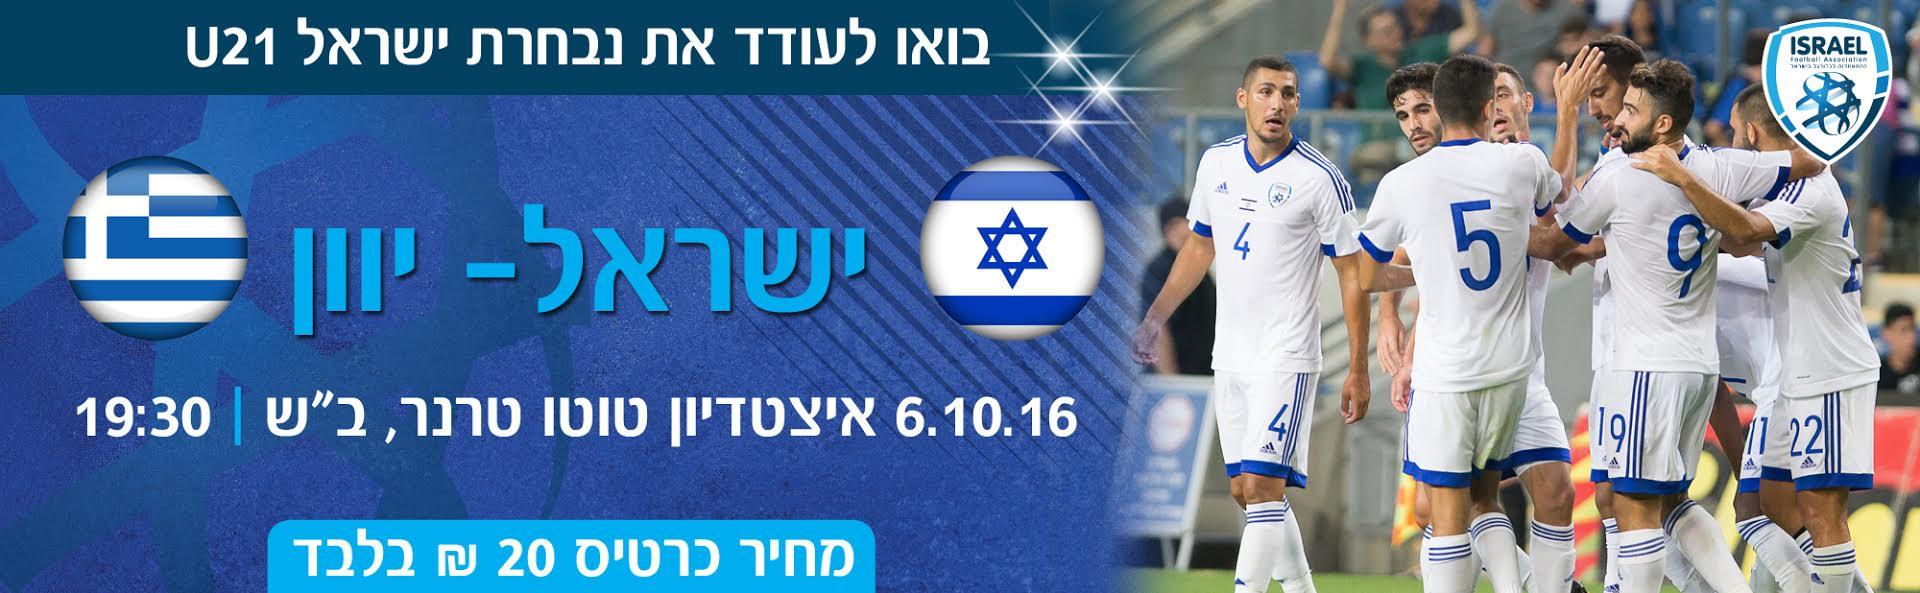 """משחק ישראל VS יוון, באצטדיון טוטו טרנר ב""""ש"""